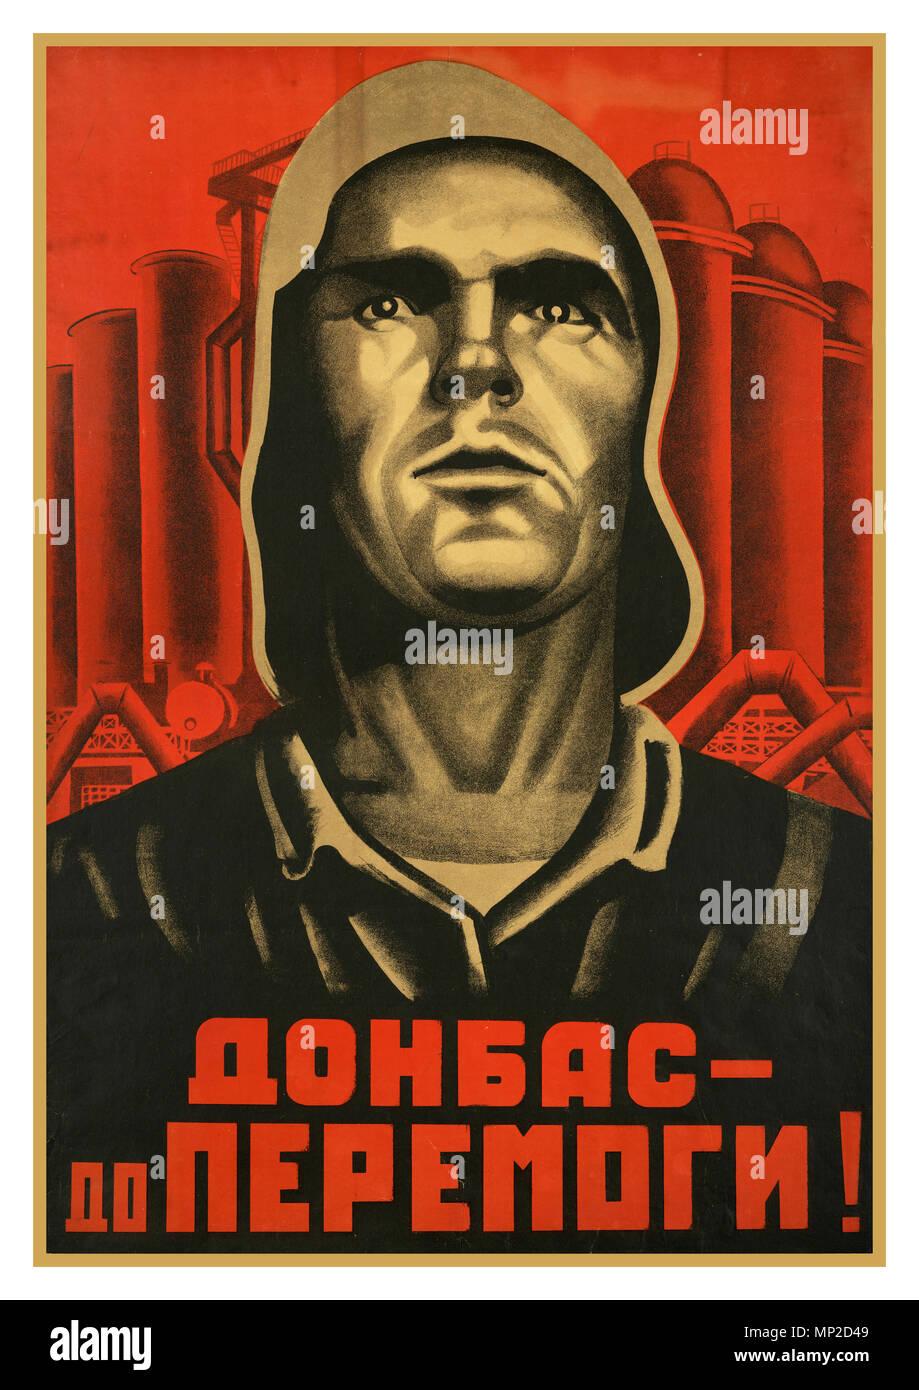 Affiches de propagande de l'Union soviétique Vintage Retro Art Politique 'Donbas, jusqu'à ce que nous surmontions' Photo Stock